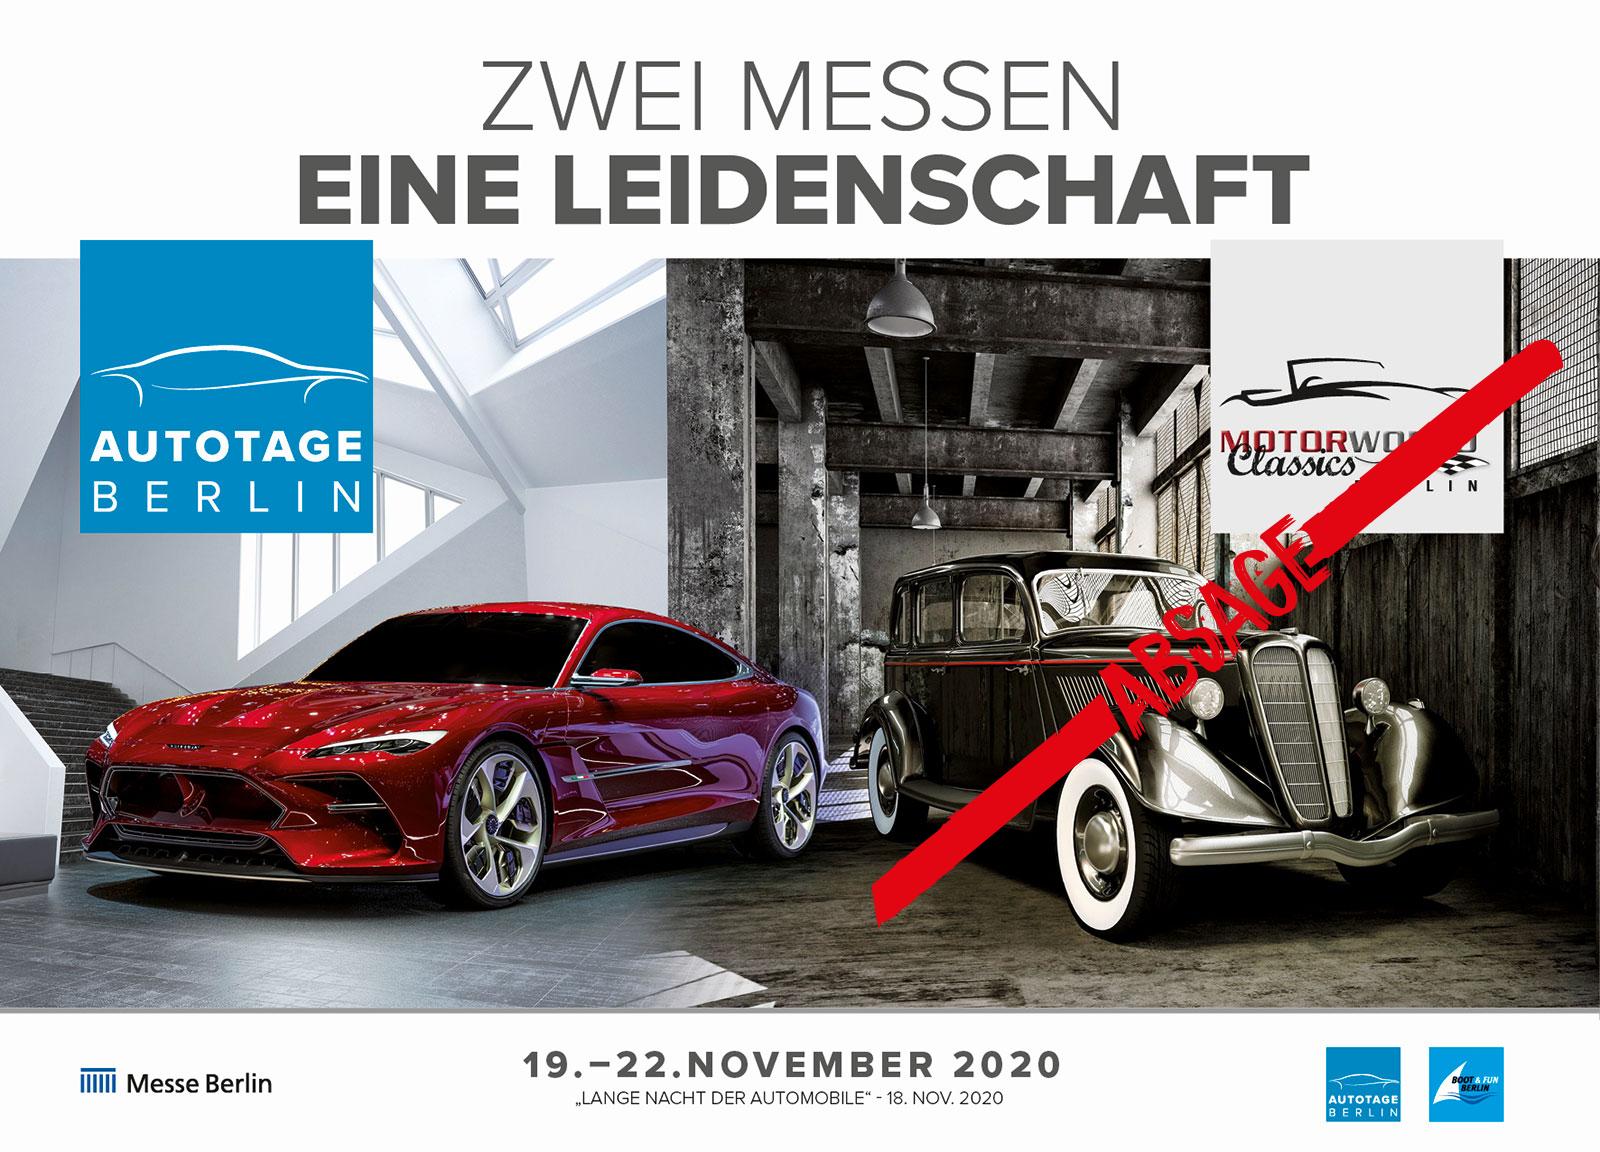 Autotage Berlin 2020